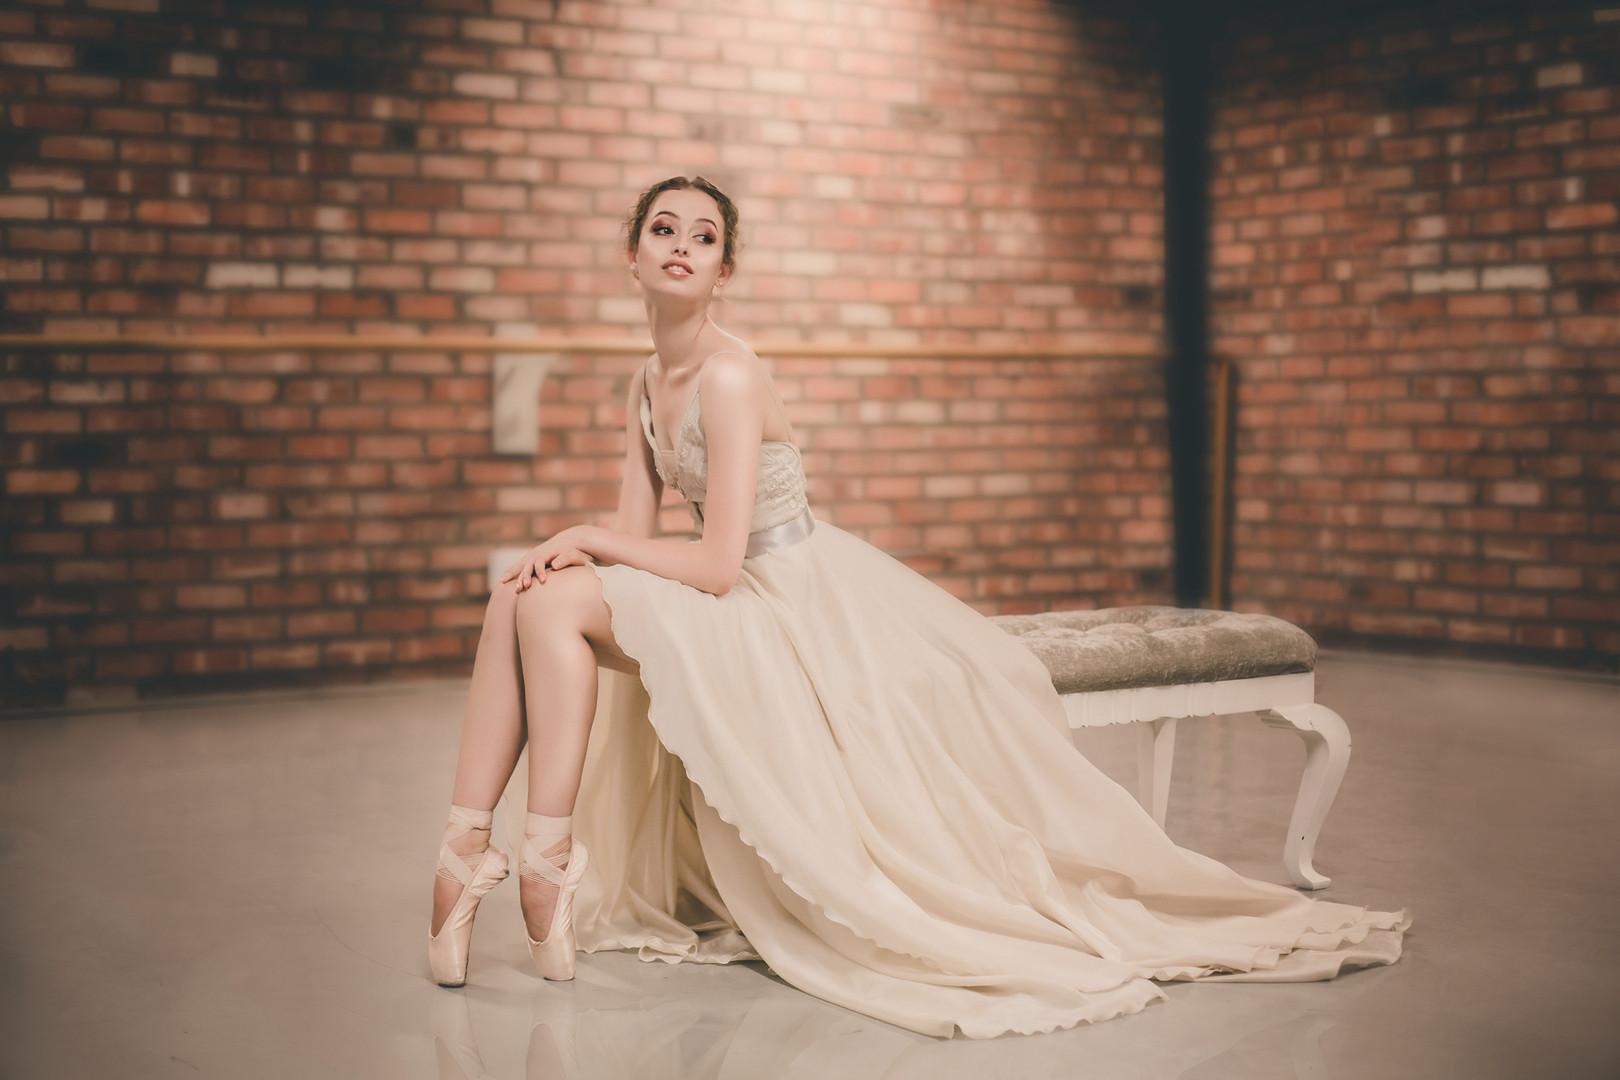 2018-01-18 Ballerina - LR-19.jpg